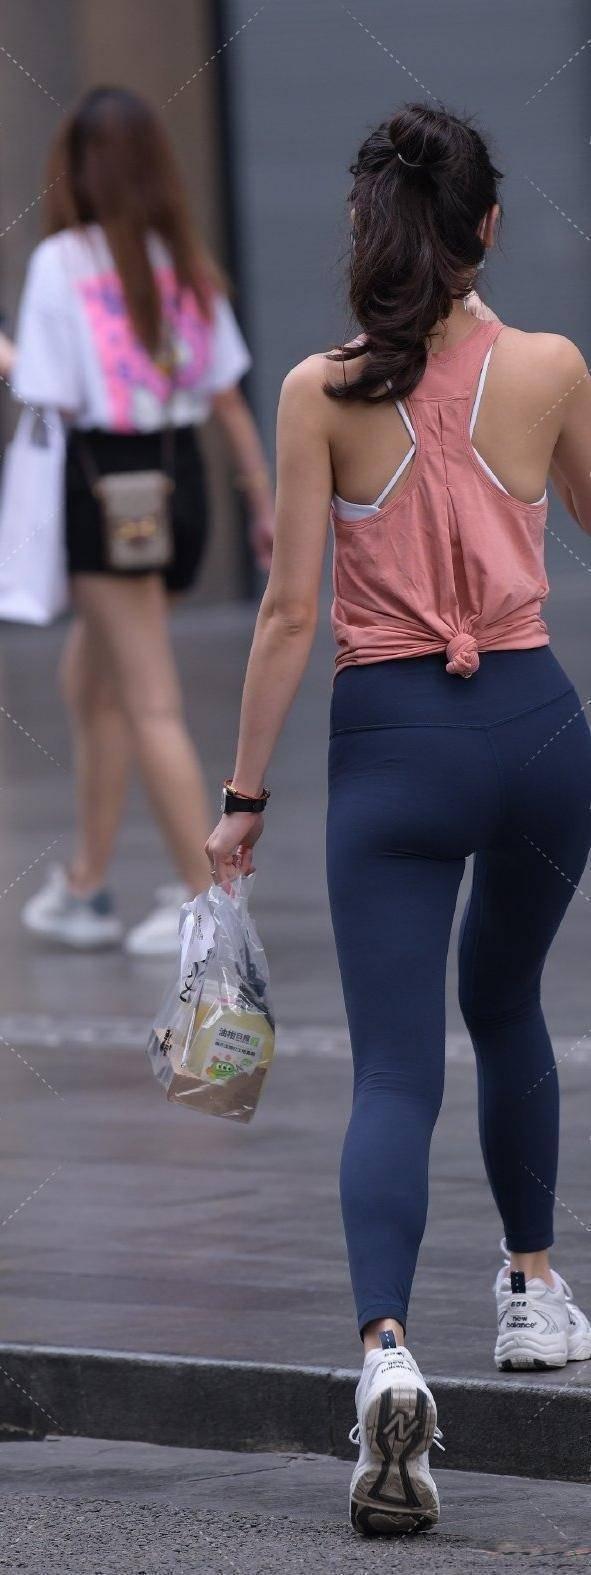 高贵优雅的瑜伽裤穿搭塑造女性优雅高贵,显身材又耐看,青春减龄